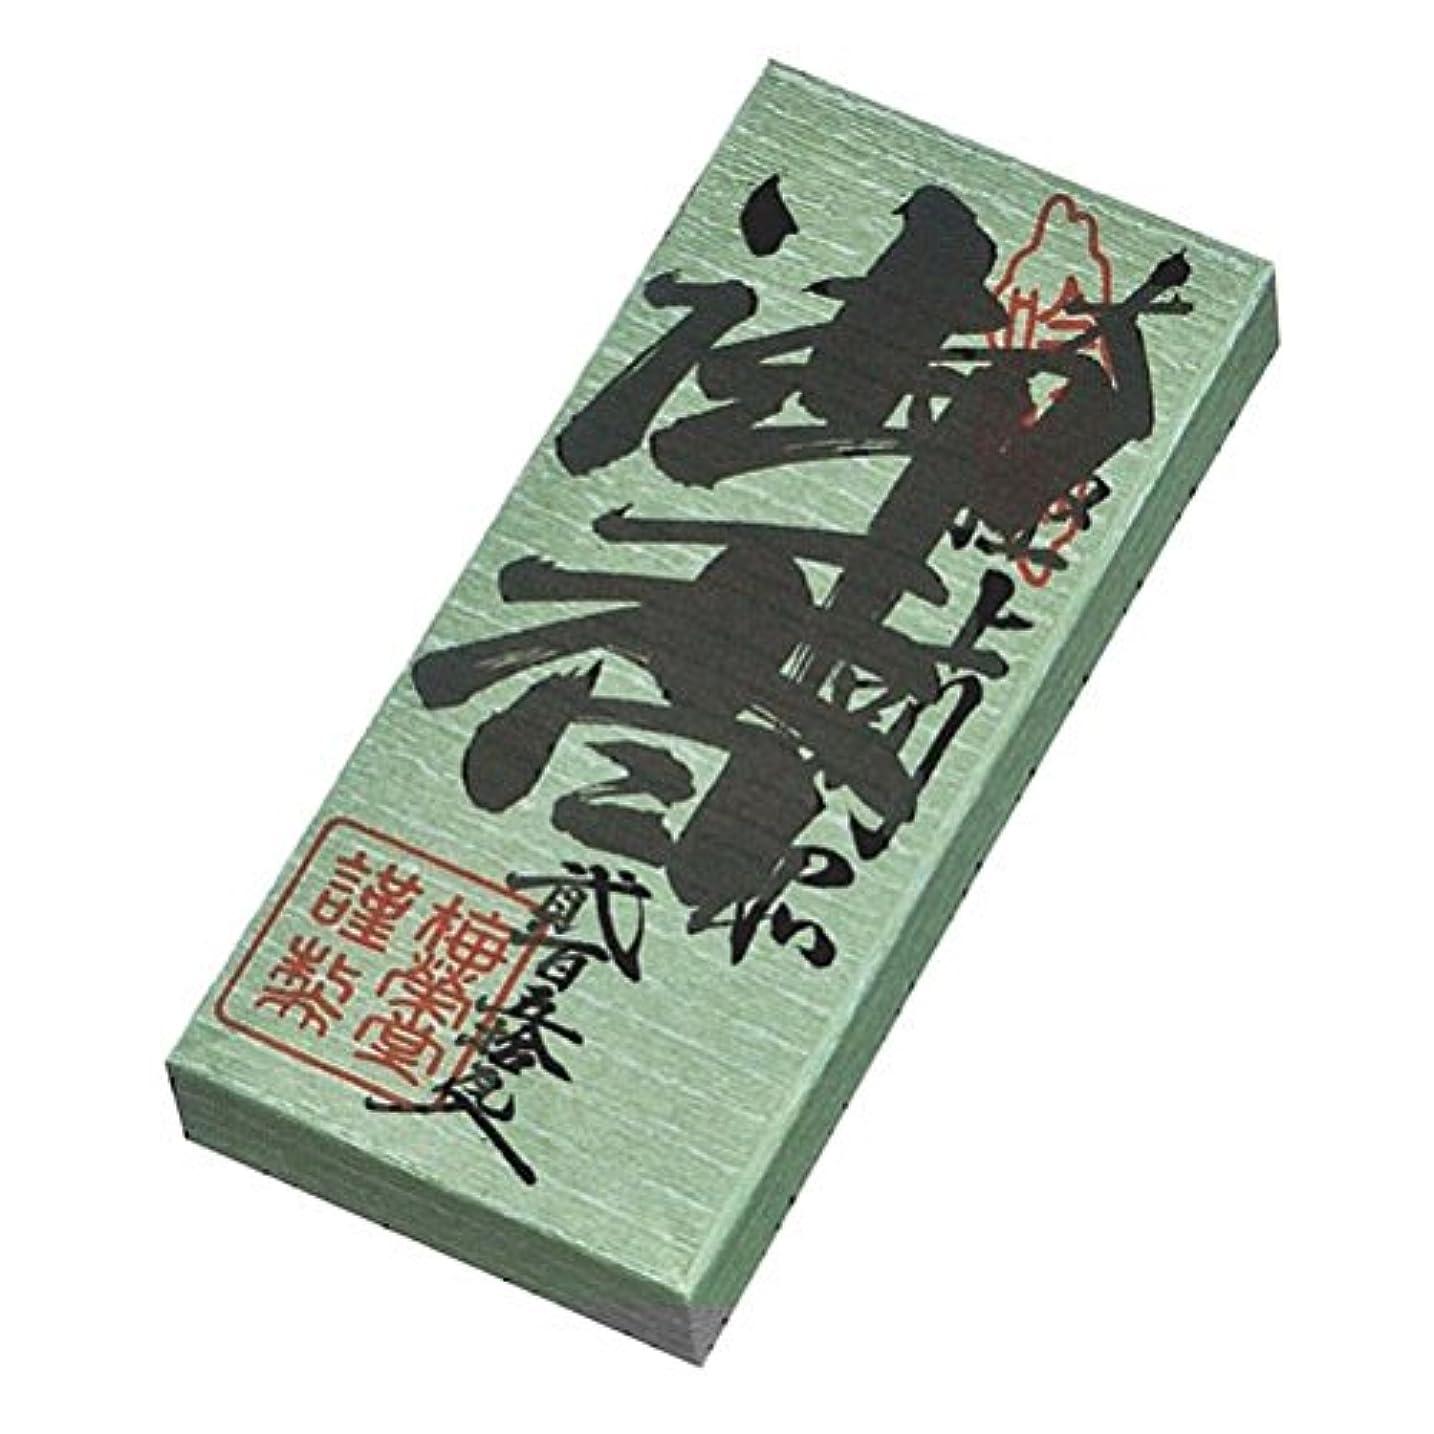 霧深い洗うトライアスロン瑞薫印 250g 紙箱入り お焼香 梅栄堂